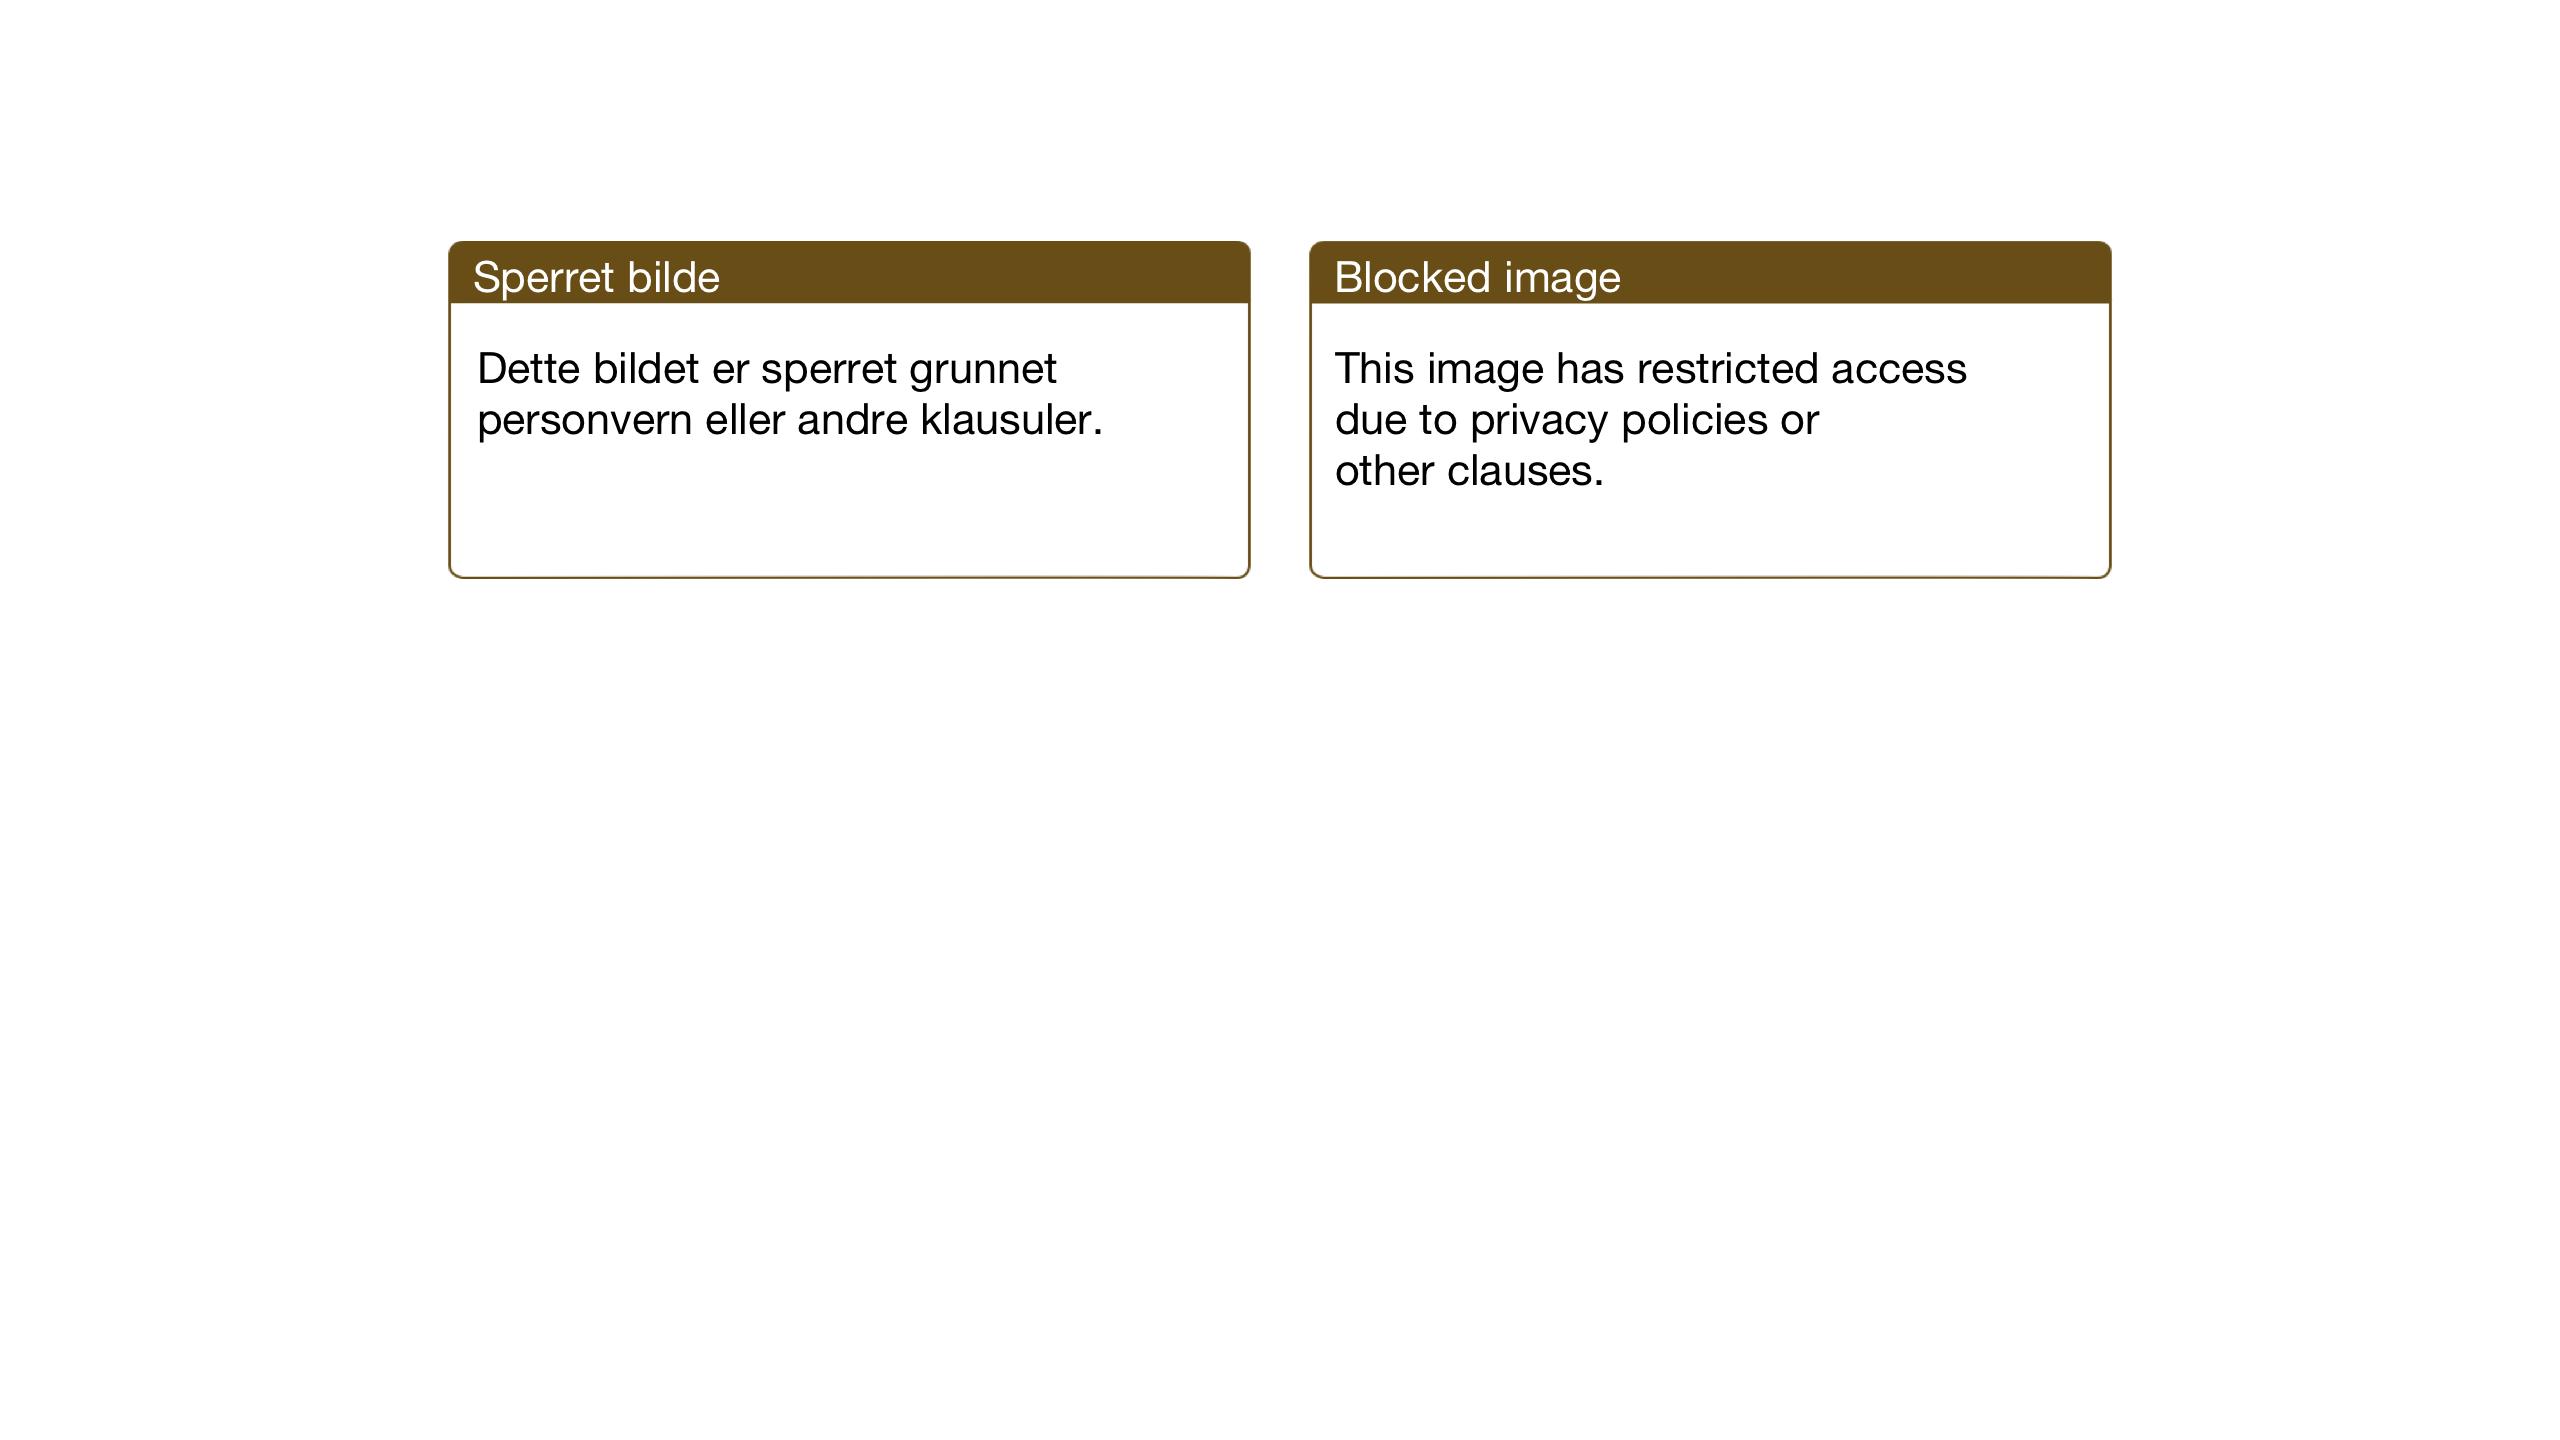 SAT, Ministerialprotokoller, klokkerbøker og fødselsregistre - Nord-Trøndelag, 755/L0500: Klokkerbok nr. 755C01, 1920-1962, s. 92